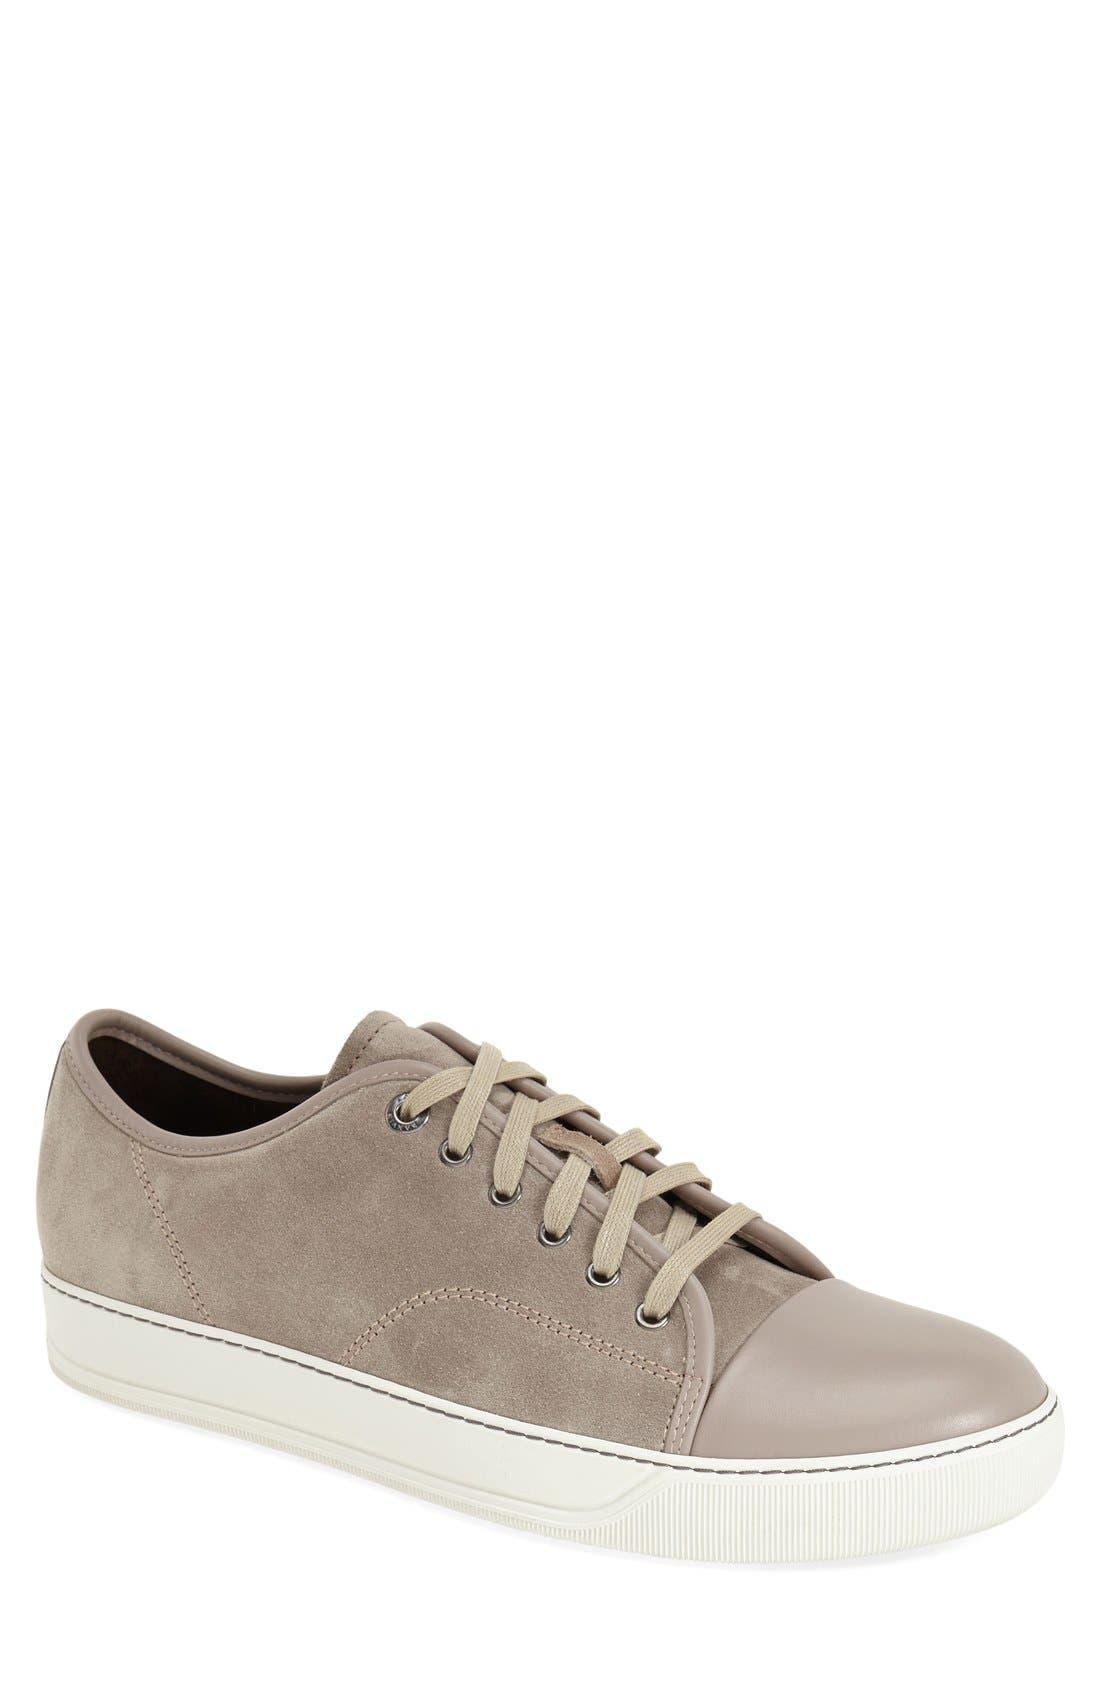 Low Top Sneaker,                         Main,                         color, BEIGE SUEDE